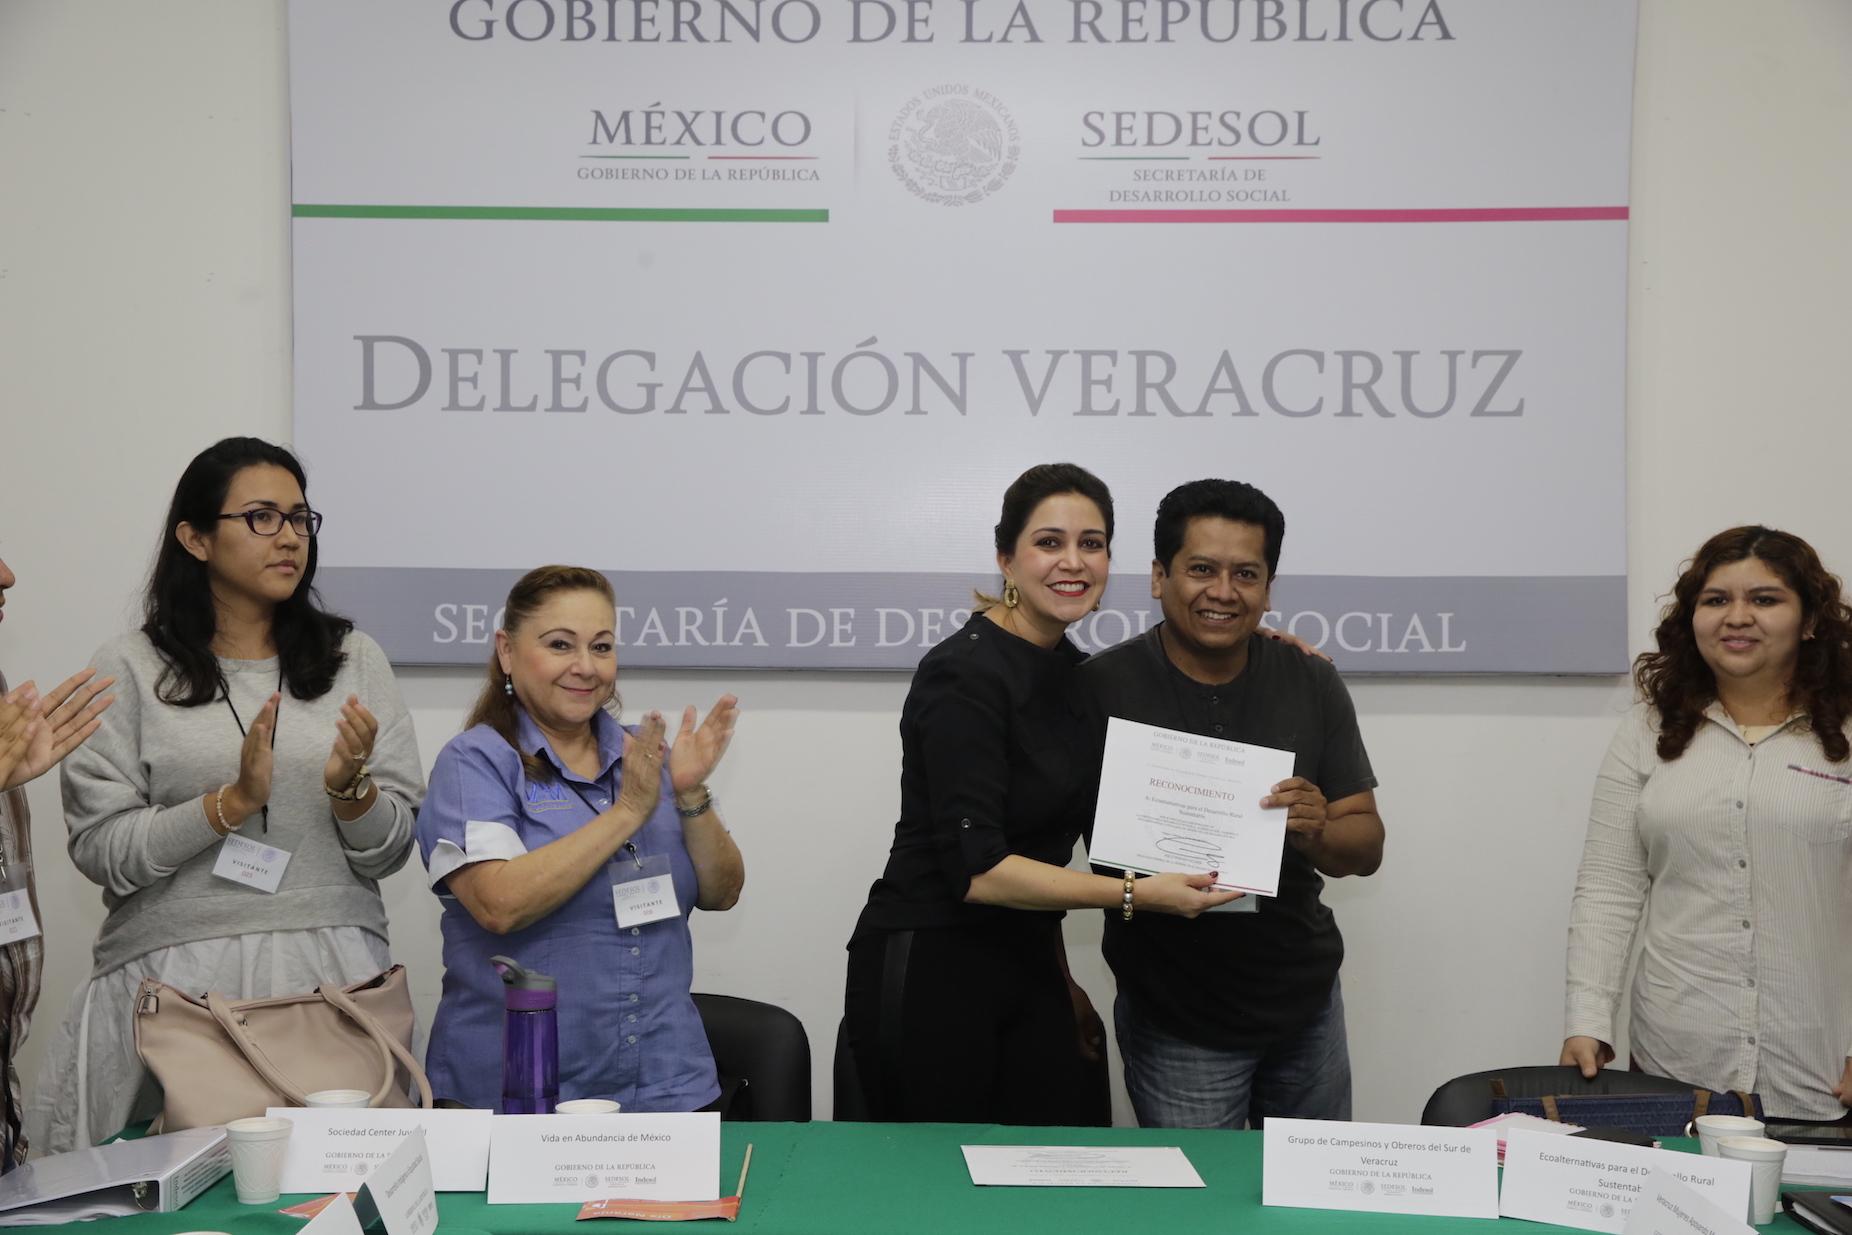 Sedesol trabaja de la mano de la sociedad civil: Anilú Ingram